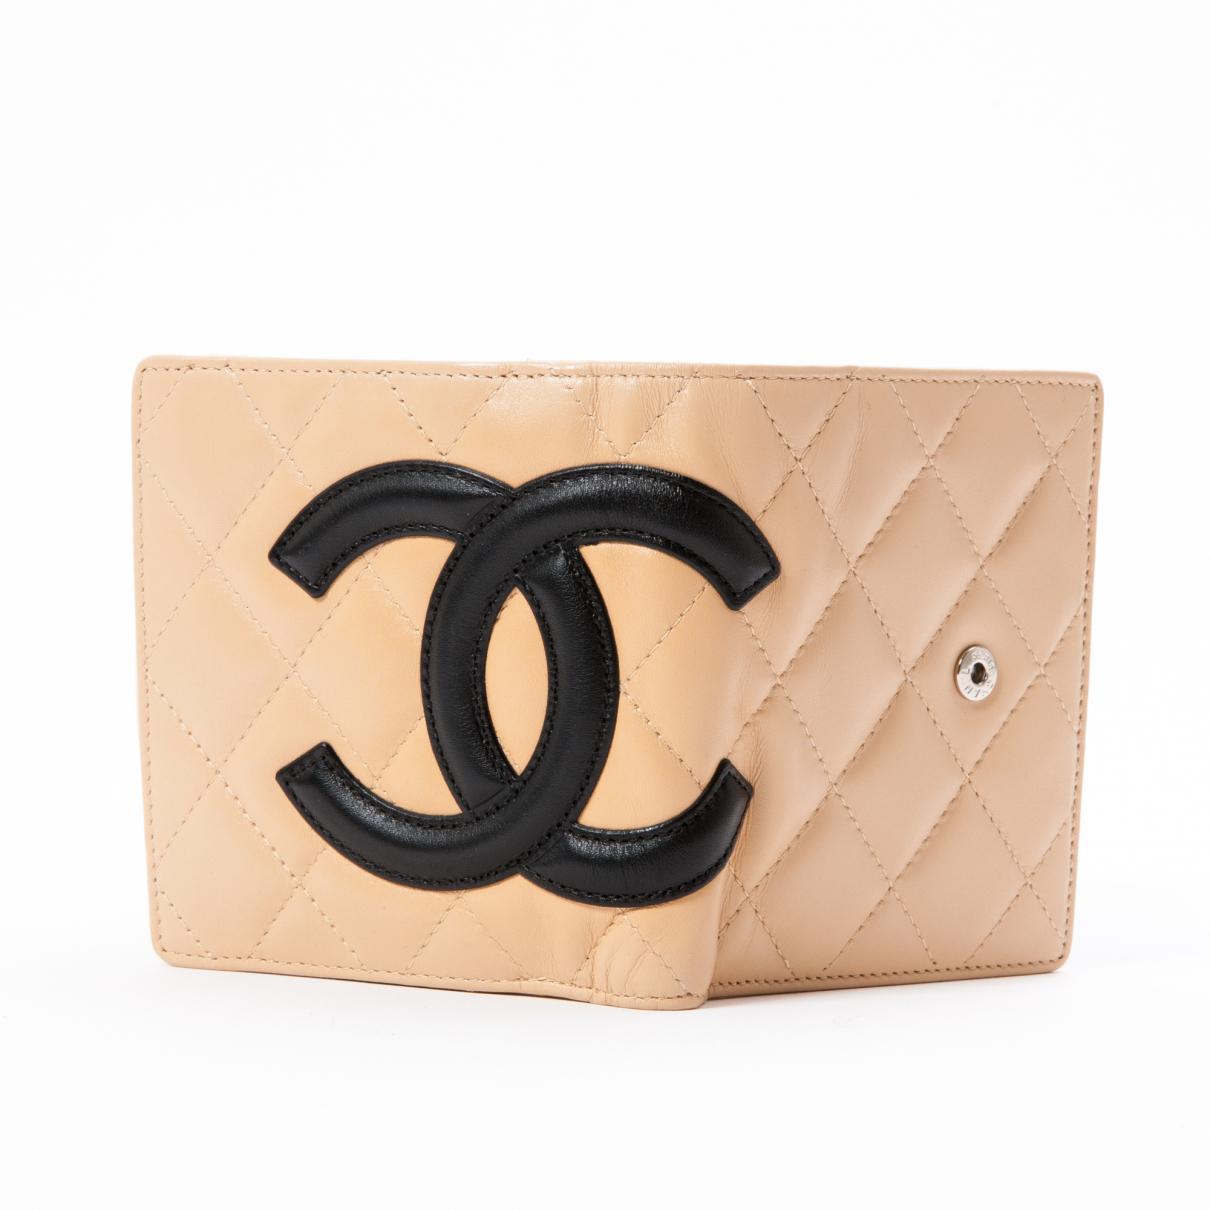 2ad479fc5fb2fa Lyst - Portefeuille en cuir Chanel en coloris Neutre